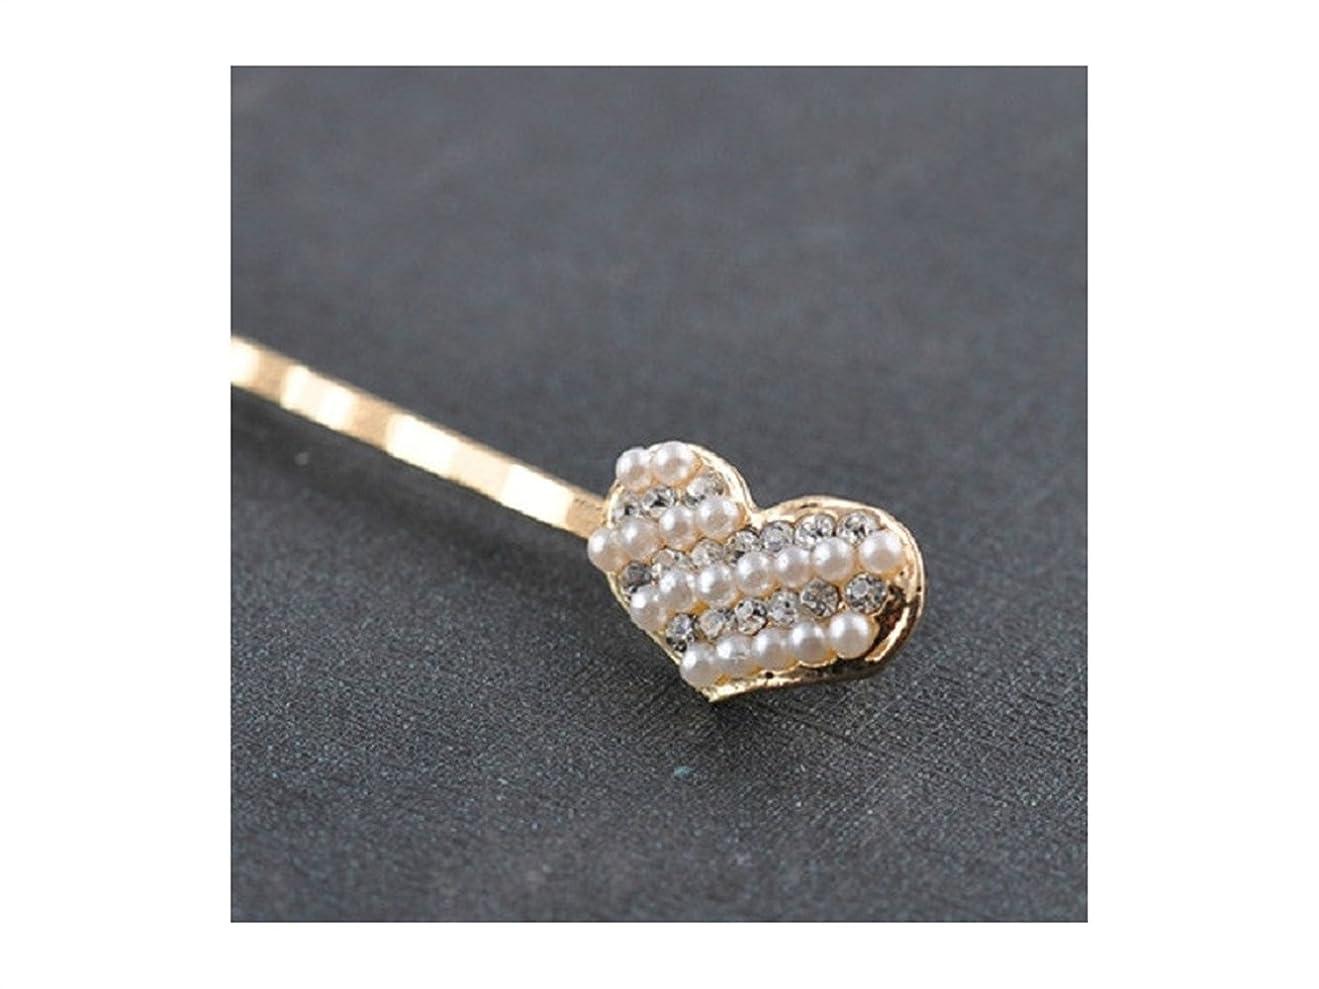 五細胞慣れるOsize 美しいスタイル 合金ダイヤモンドヘアピンラブシェイプワンワードヘアクリップヘアデコレーションクリップ(ハート)